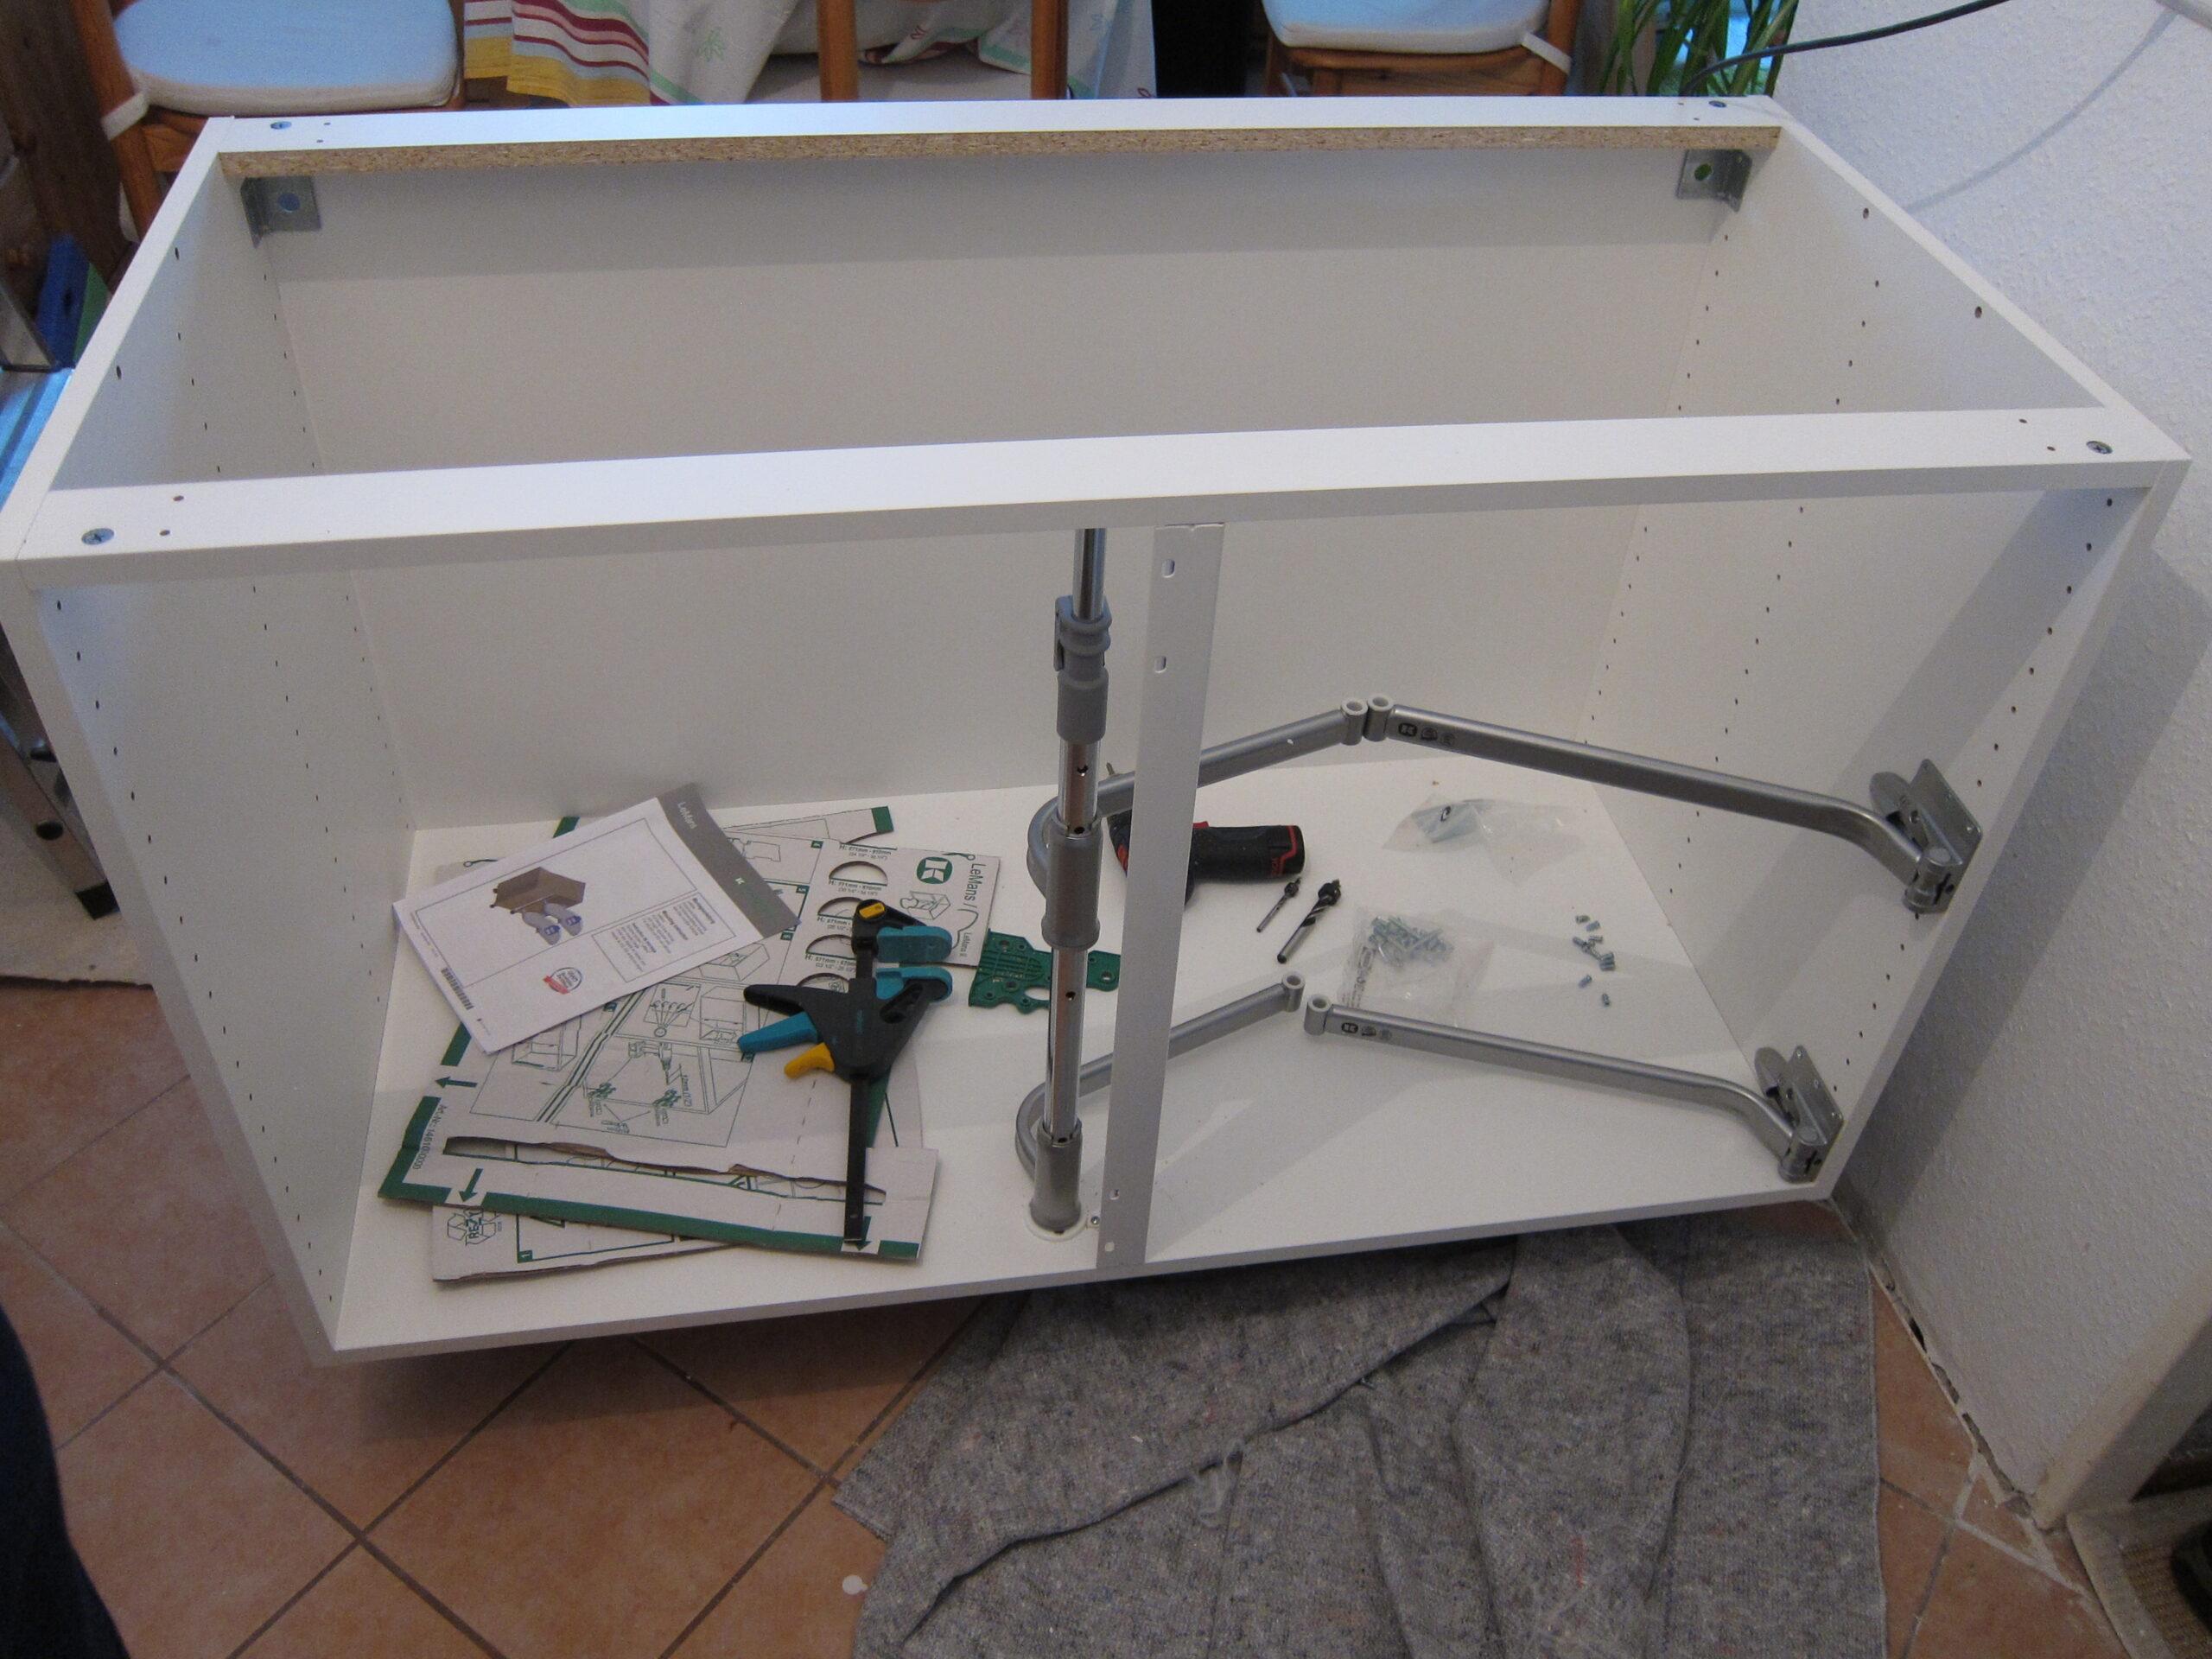 Full Size of Eckschrank Ikea Küche Le Mans Made By Kesseboehmer Meets Faktum Planen Wasserhahn Für Einbauküche Mit Elektrogeräten Lieferzeit U Form Bodenbelag Modern Wohnzimmer Eckschrank Ikea Küche